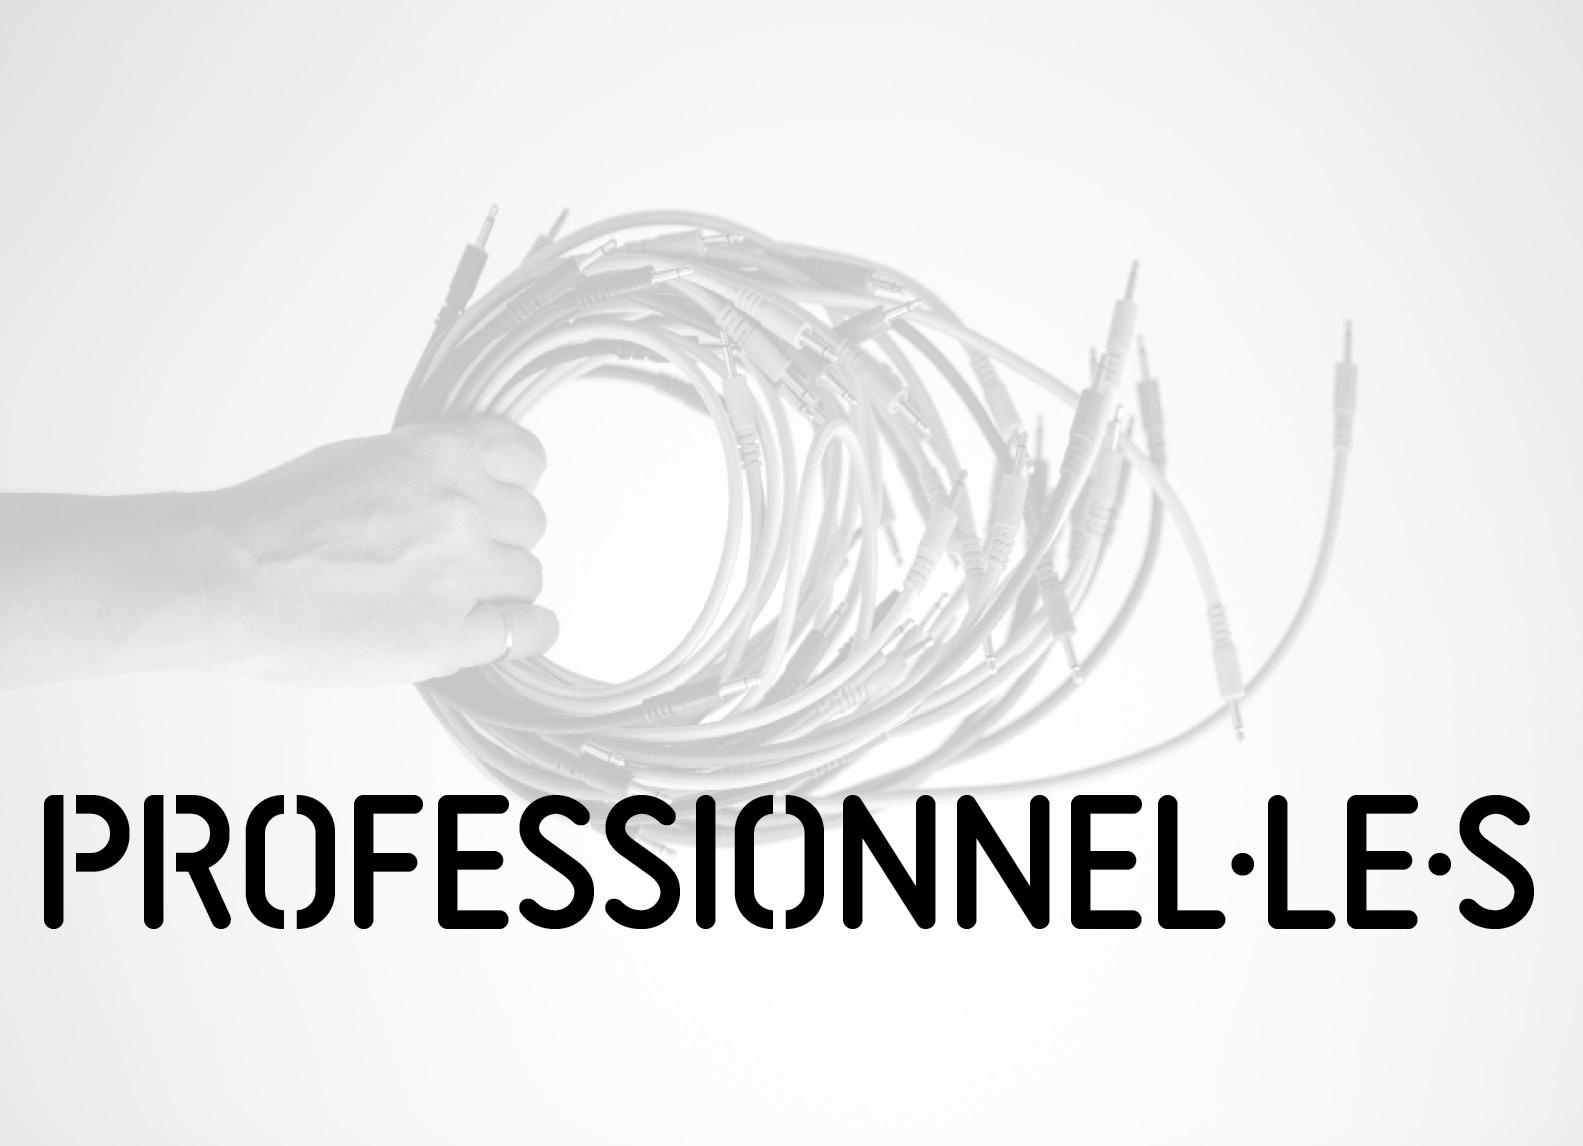 Faire Professionnelles-Professionels